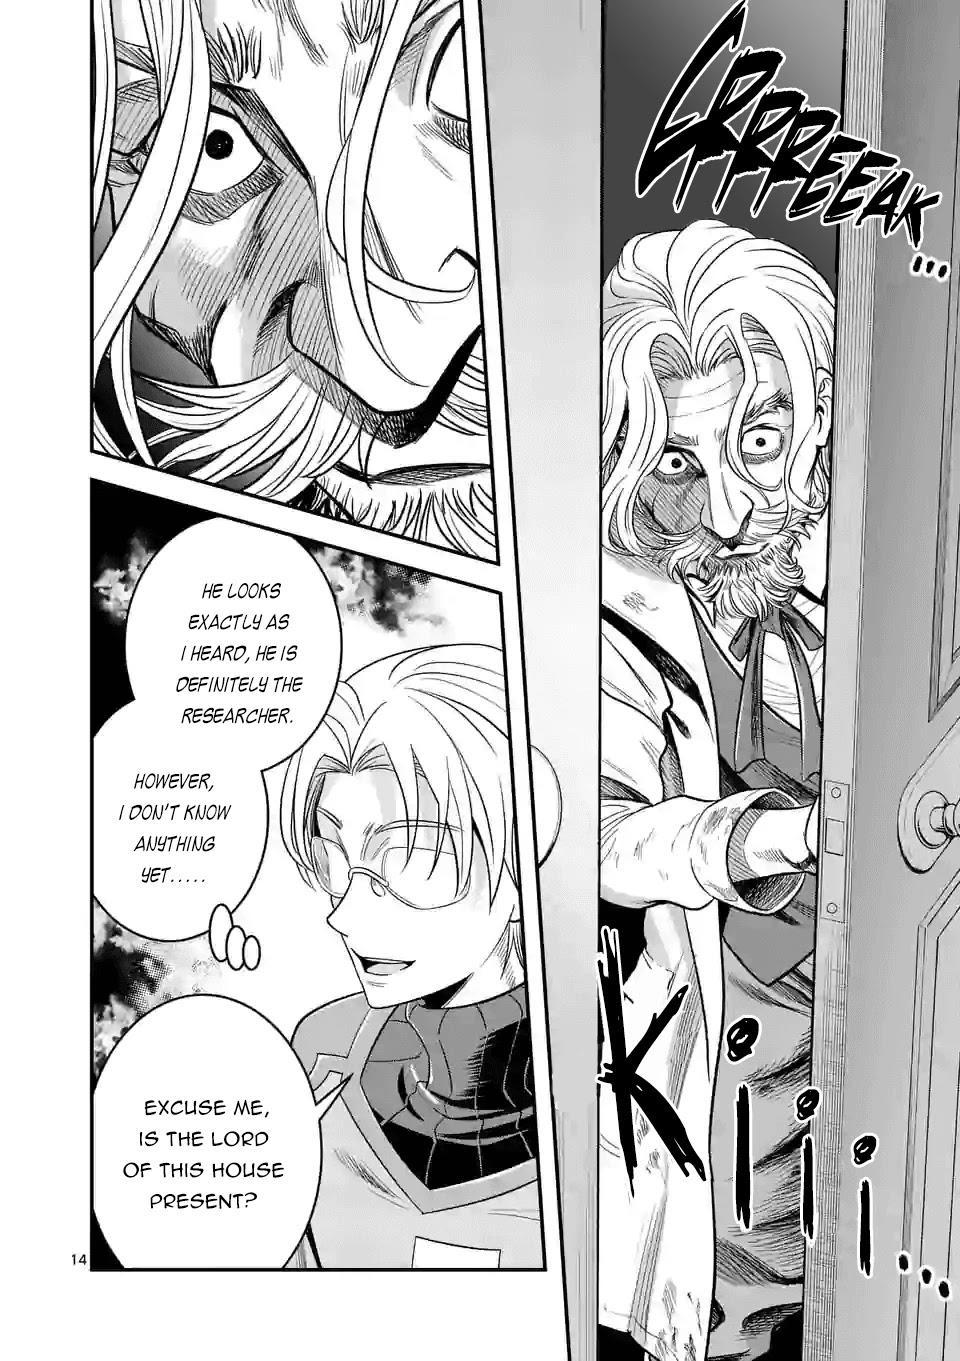 100-Nin No Eiyuu O Sodateta Saikyou Yogensha Wa, Boukensha Ni Natte Mo Sekaijuu No Deshi Kara Shitawarete Masu Chapter 27 page 15 - Mangakakalots.com